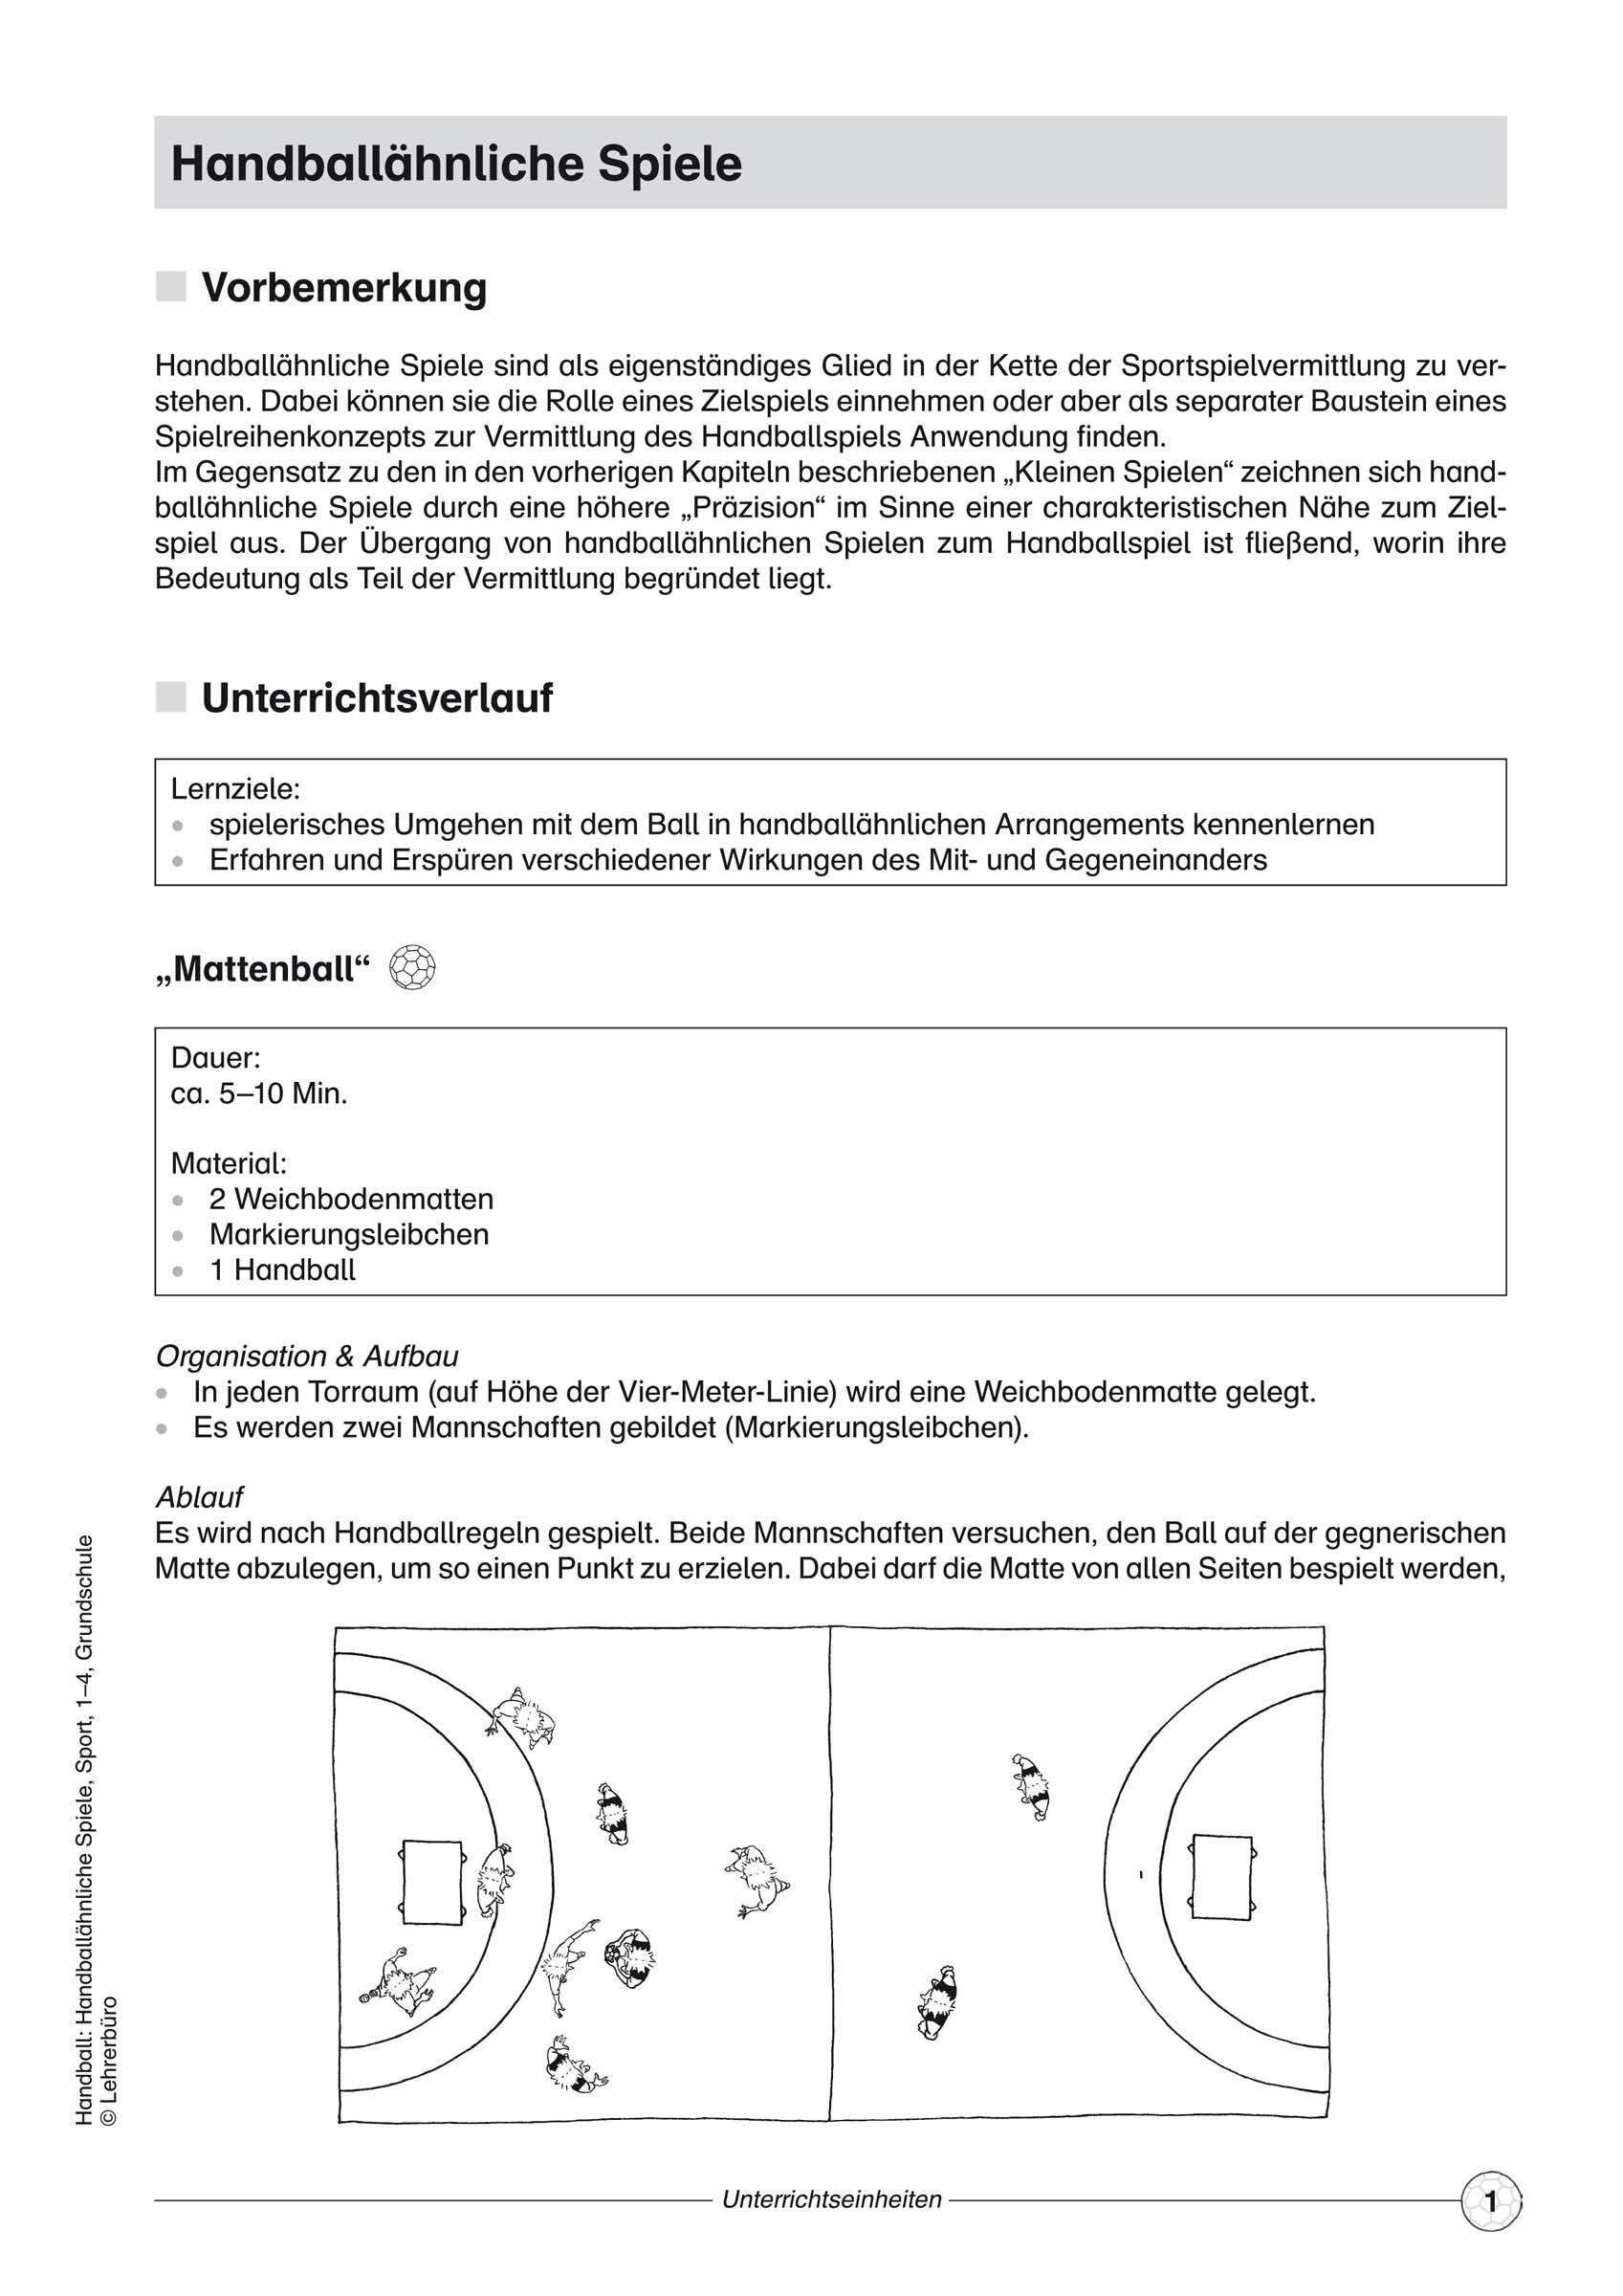 Beste Ionische Verbindung Arbeitsblatt 1 Ideen - Arbeitsblatt Schule ...